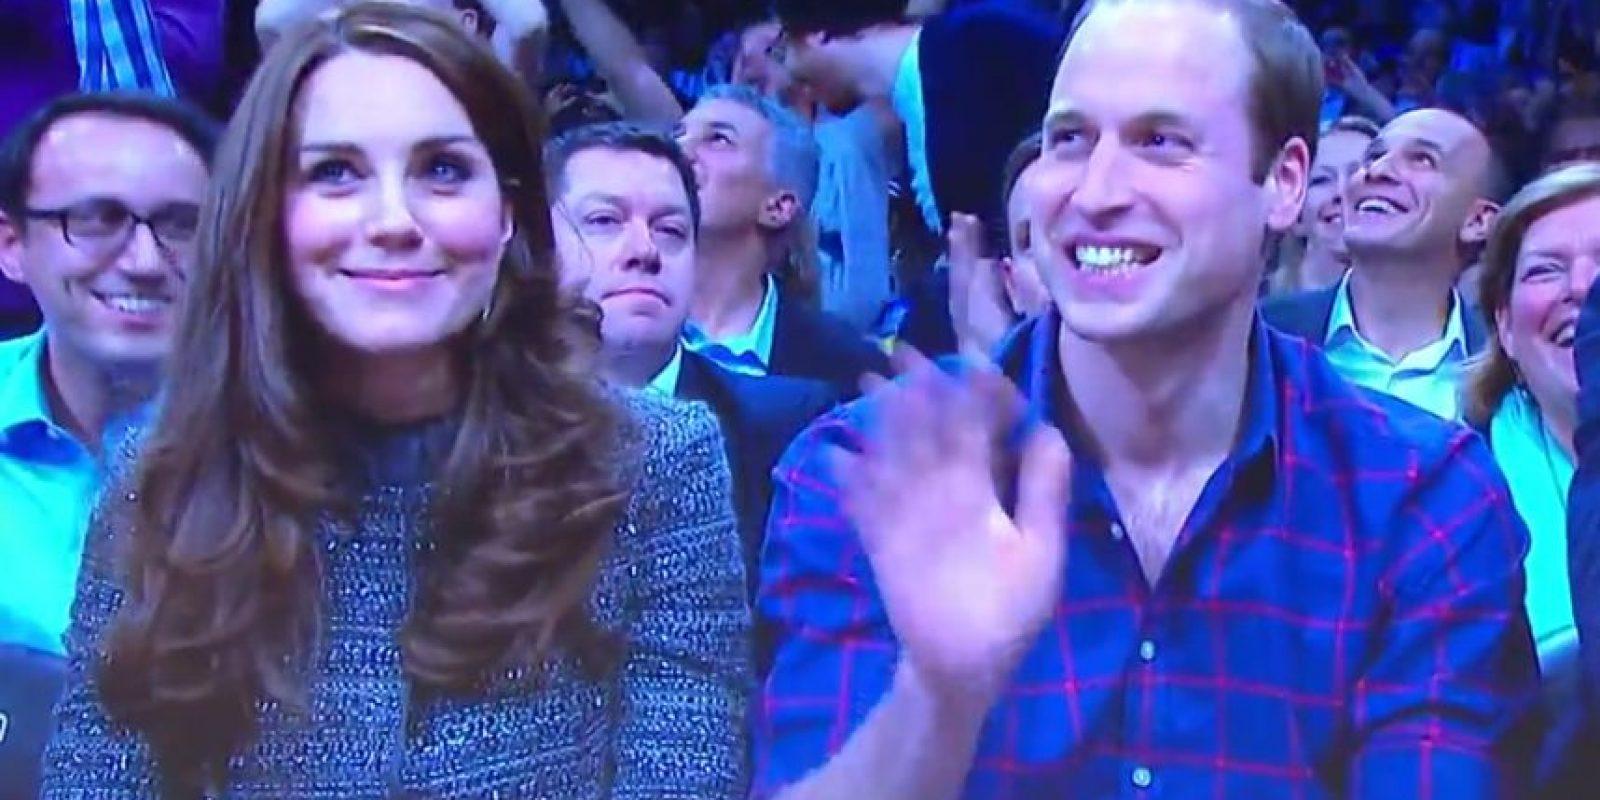 Sonrieron y saludaron Foto:NBA Highlights